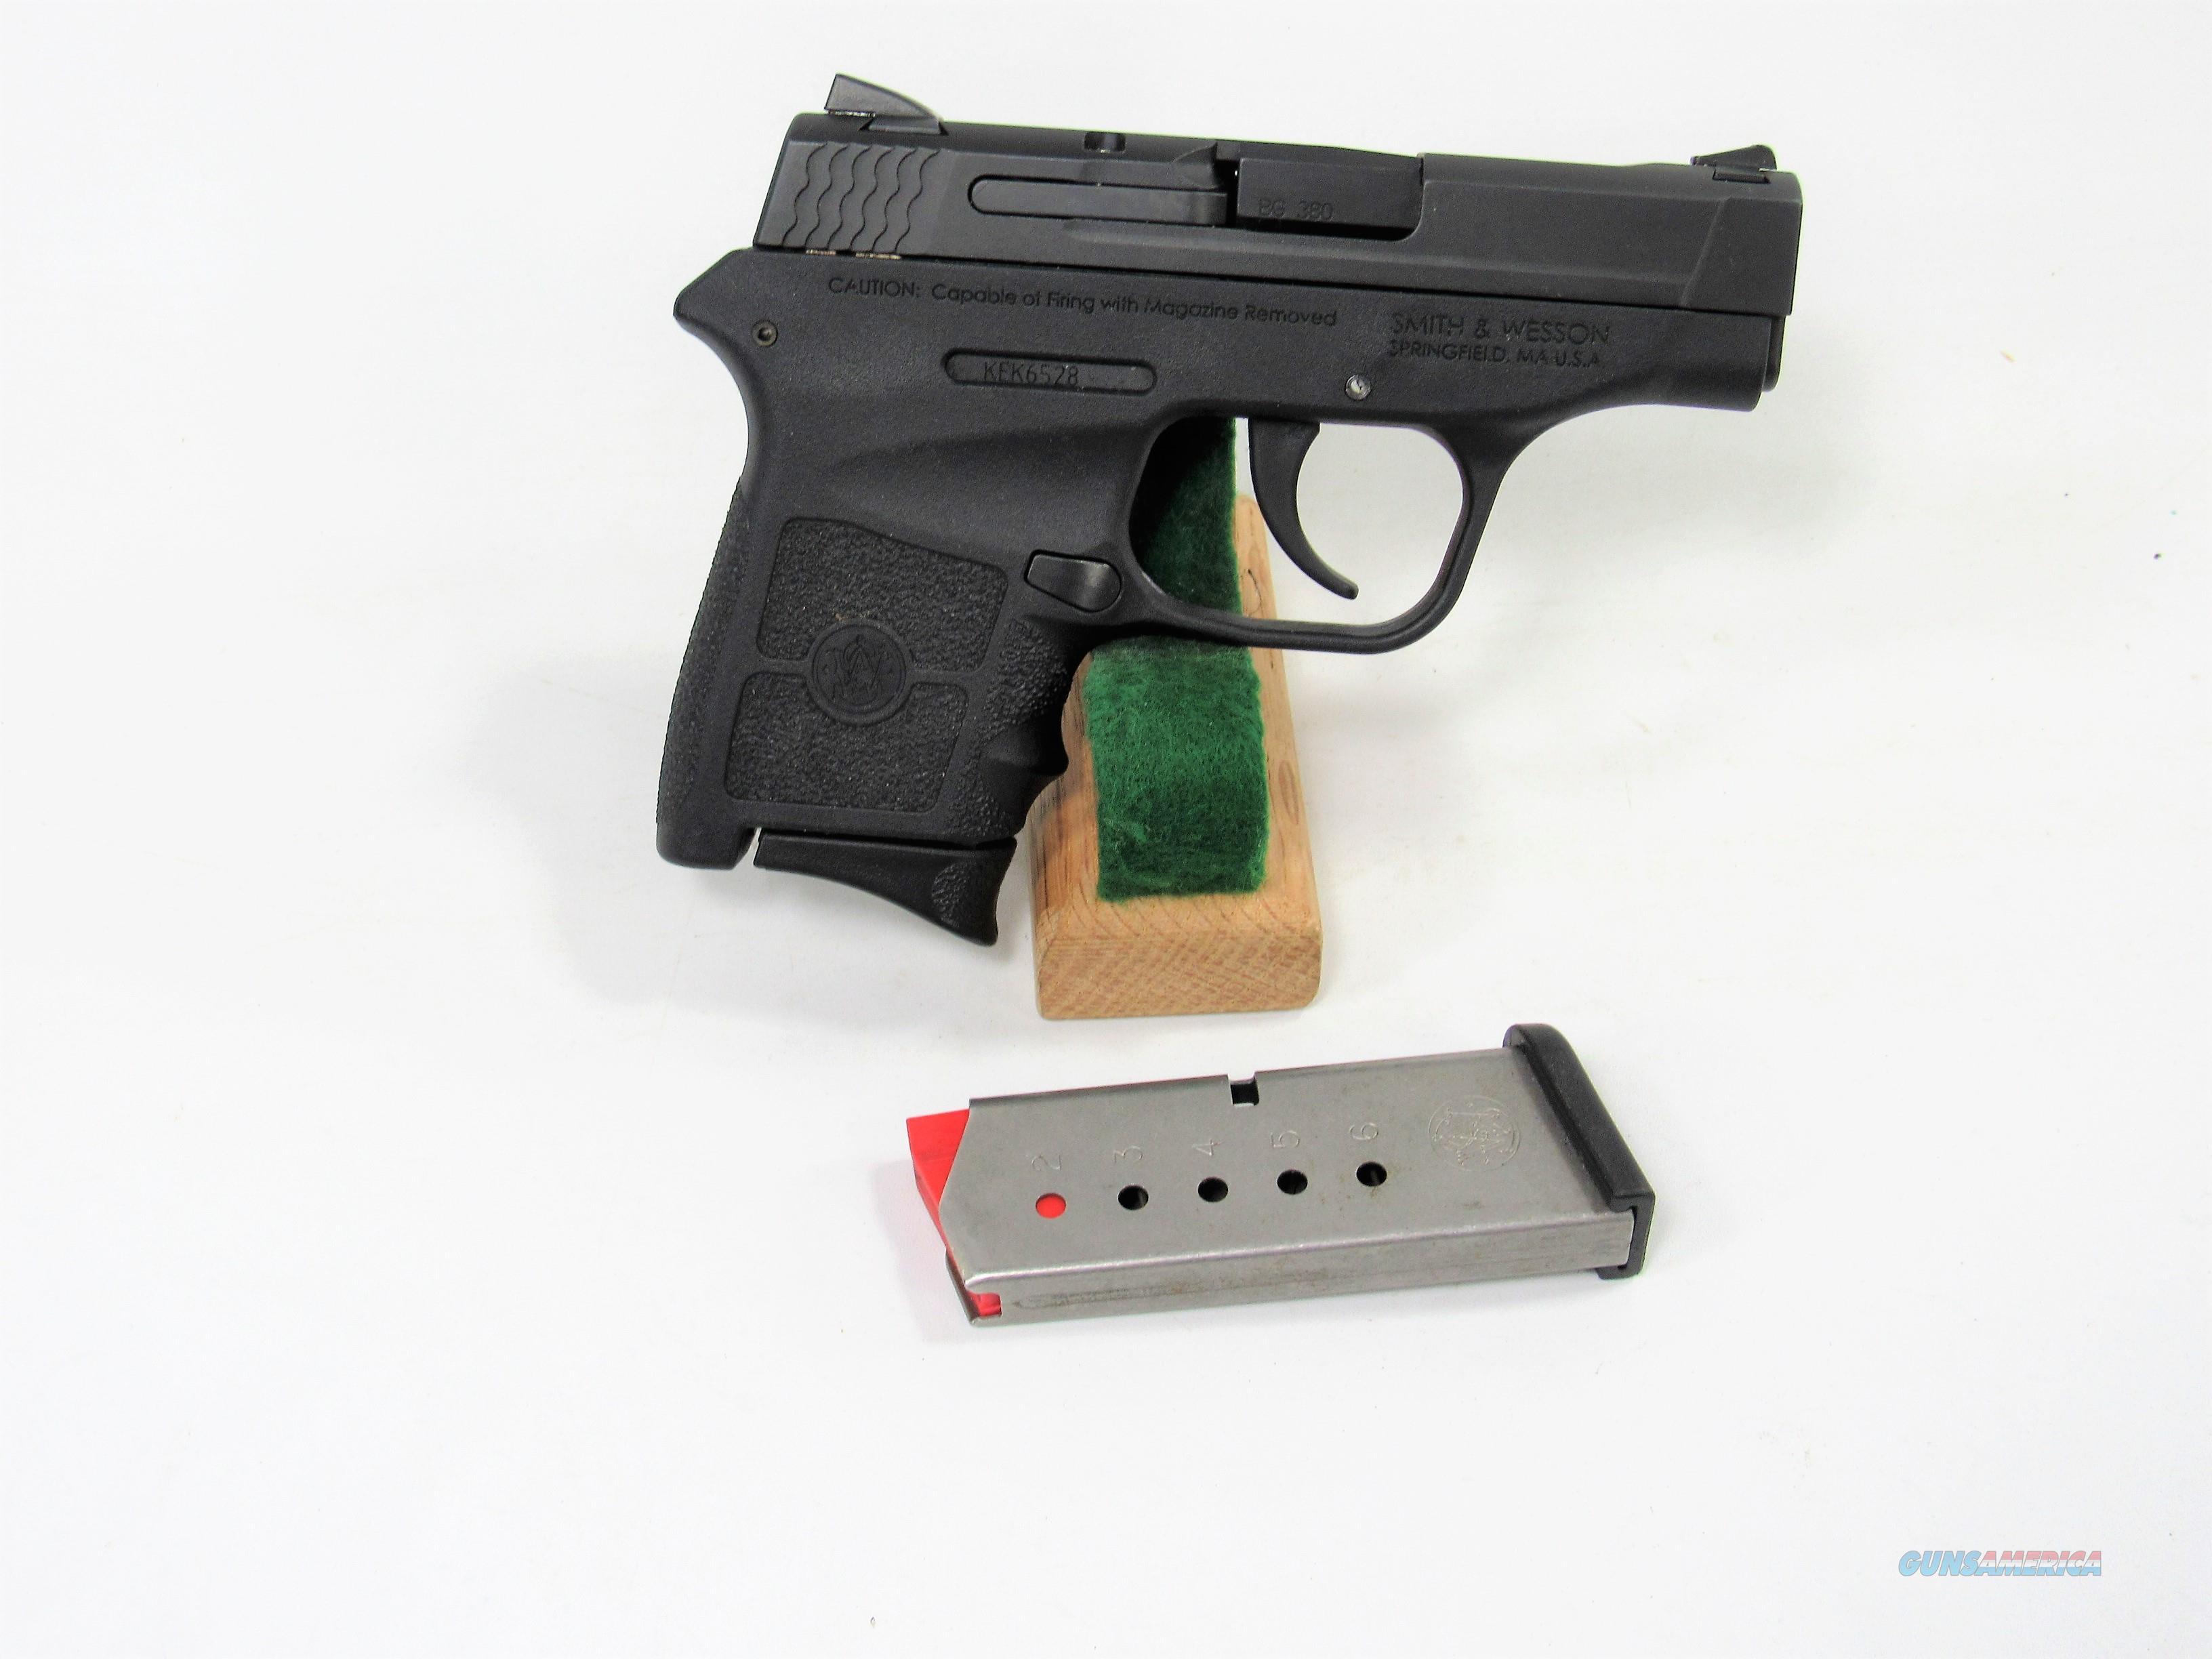 22Z S&W M&P BODYGUARD 380  Guns > Pistols > Smith & Wesson Pistols - Autos > Polymer Frame